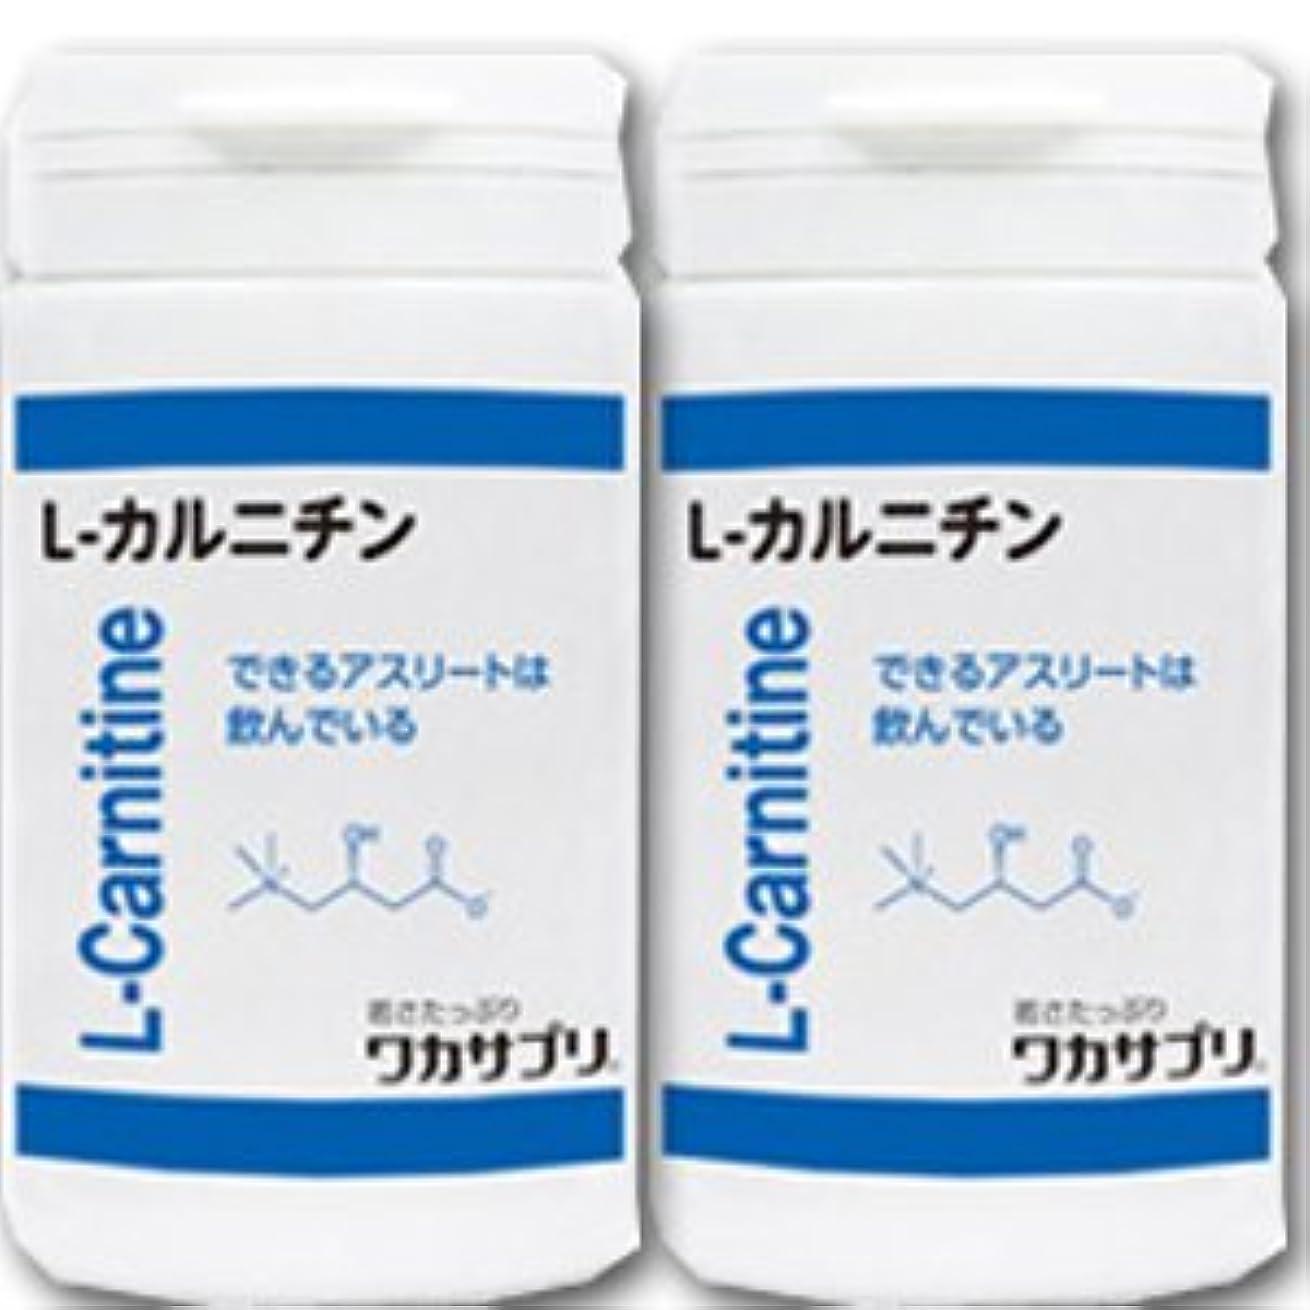 スピン開業医虚弱【2個】 ワカサプリ L-カルニチン 60粒x2個(4562137413703)